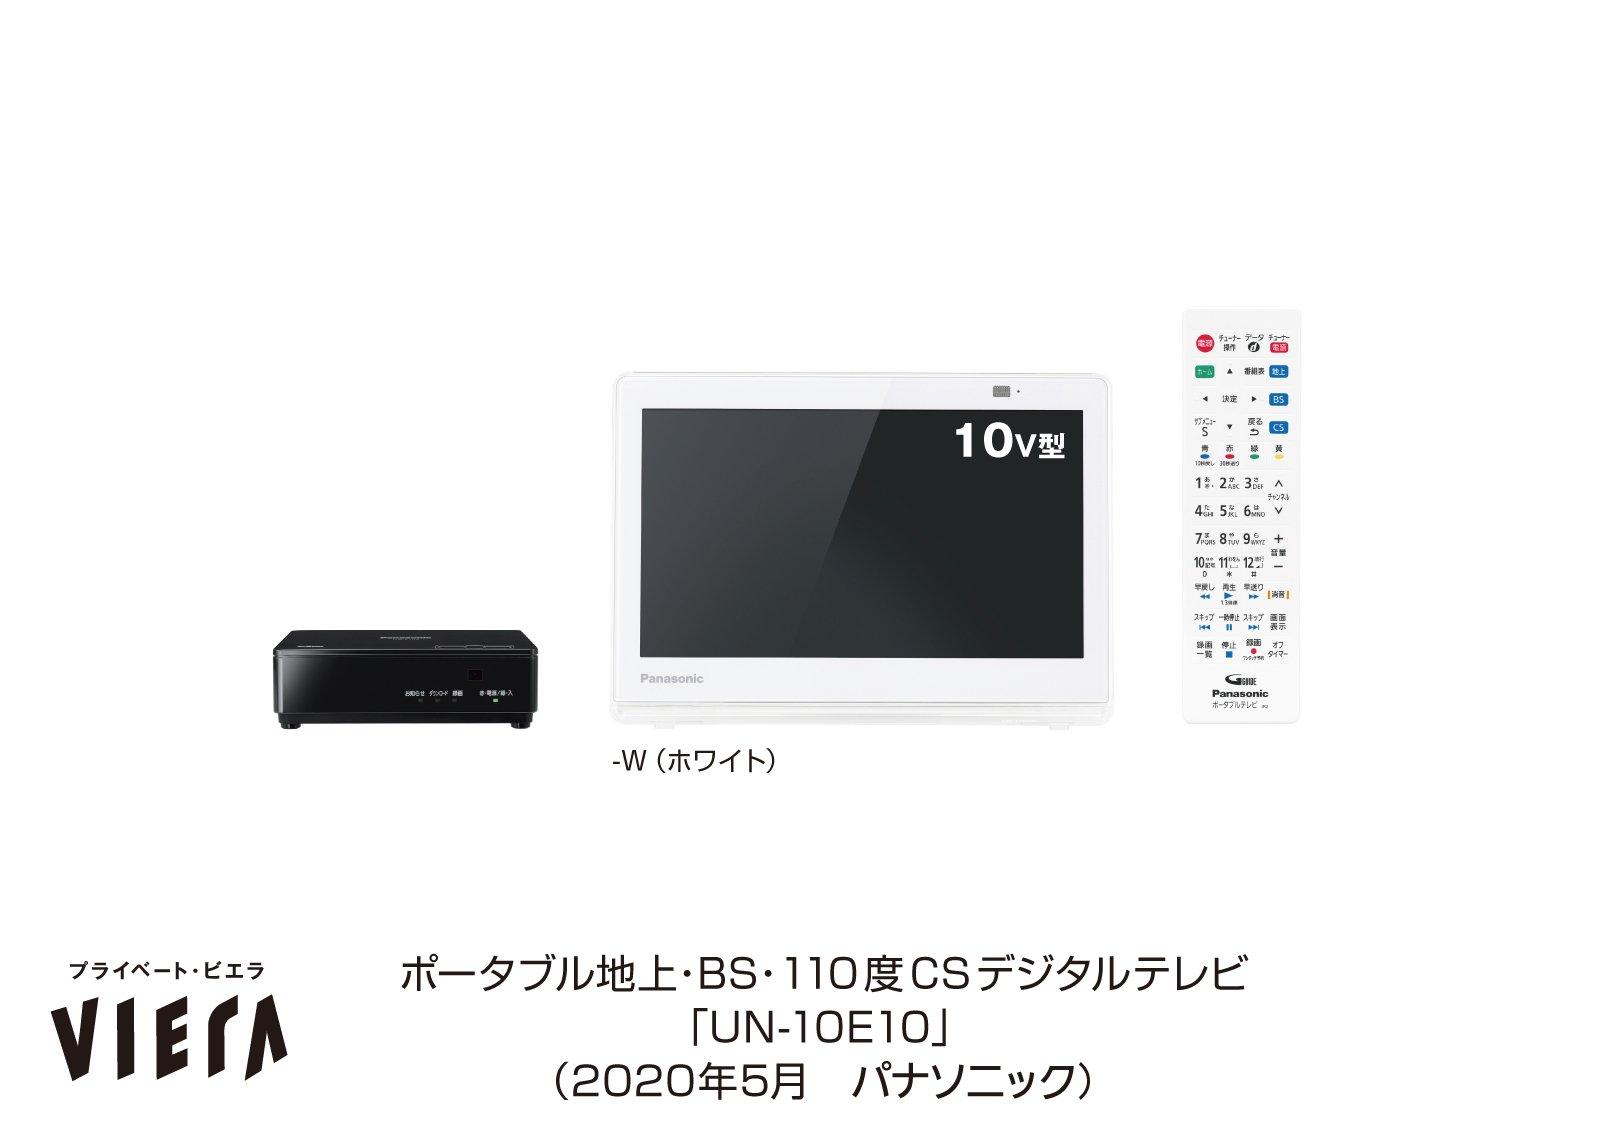 ポータブルテレビ「プライベート・ビエラ」UN-10E10